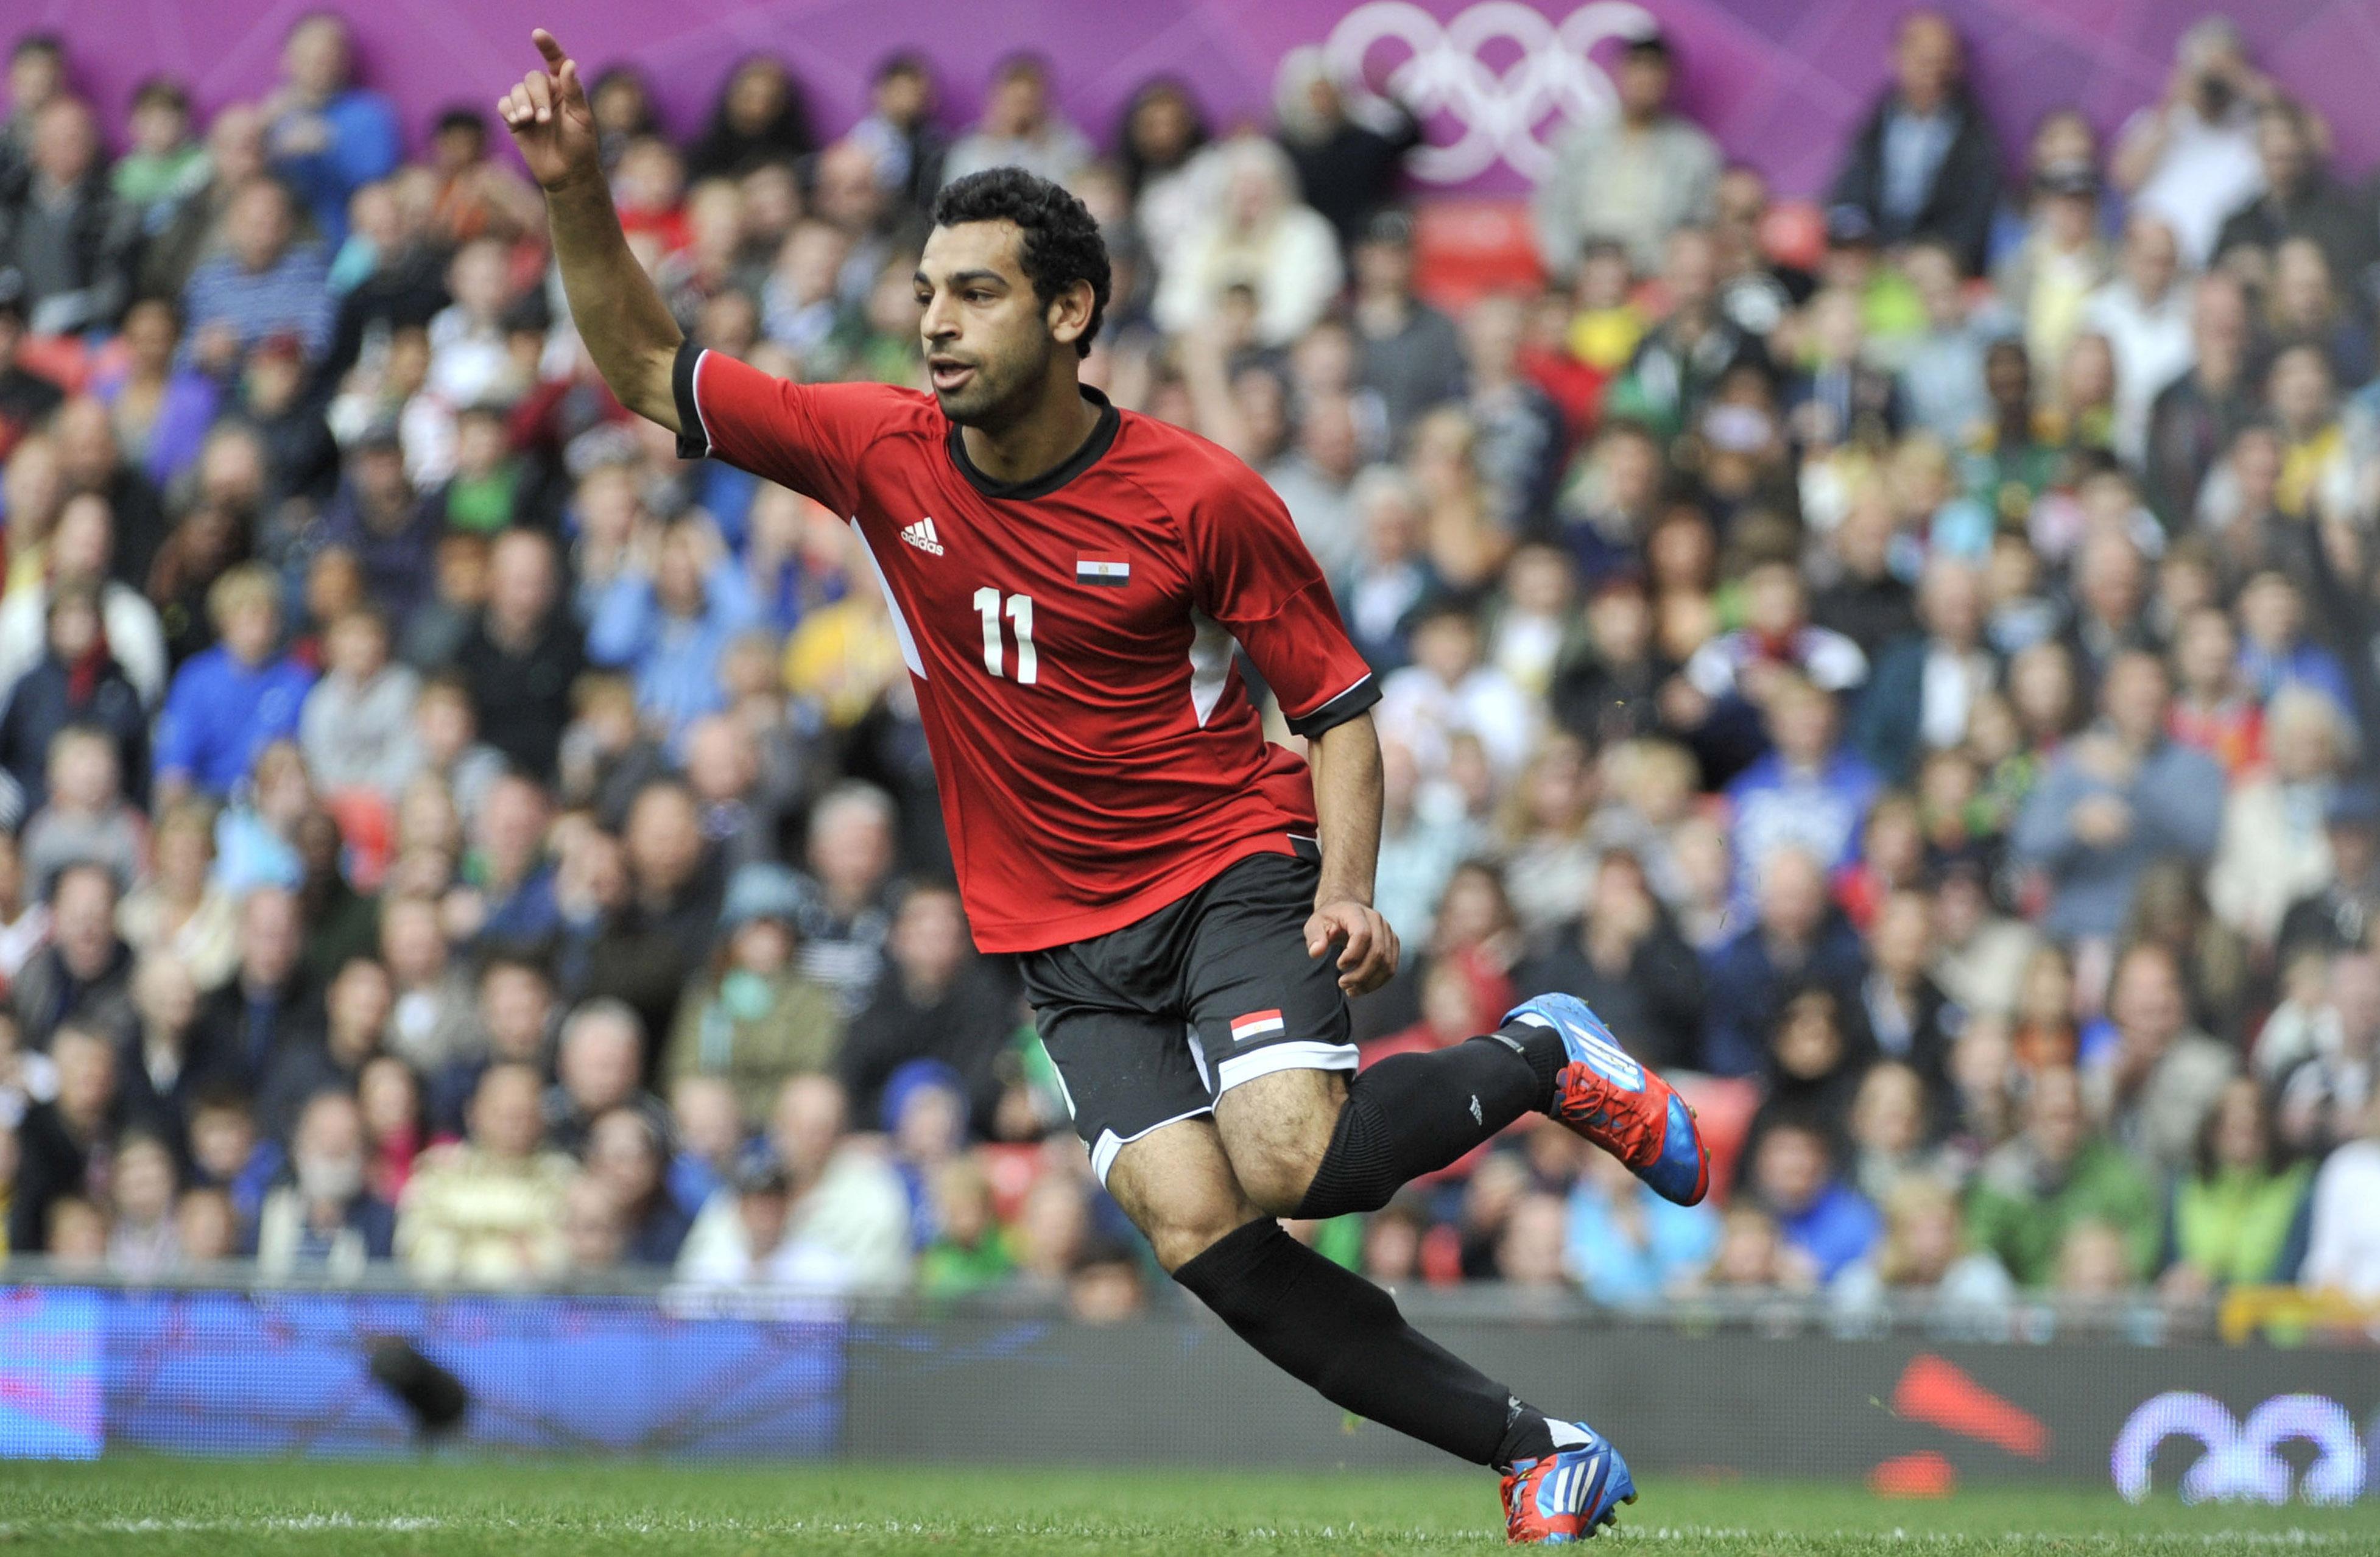 Olympics Day 2 - Men's Football - Egypt v New Zealand